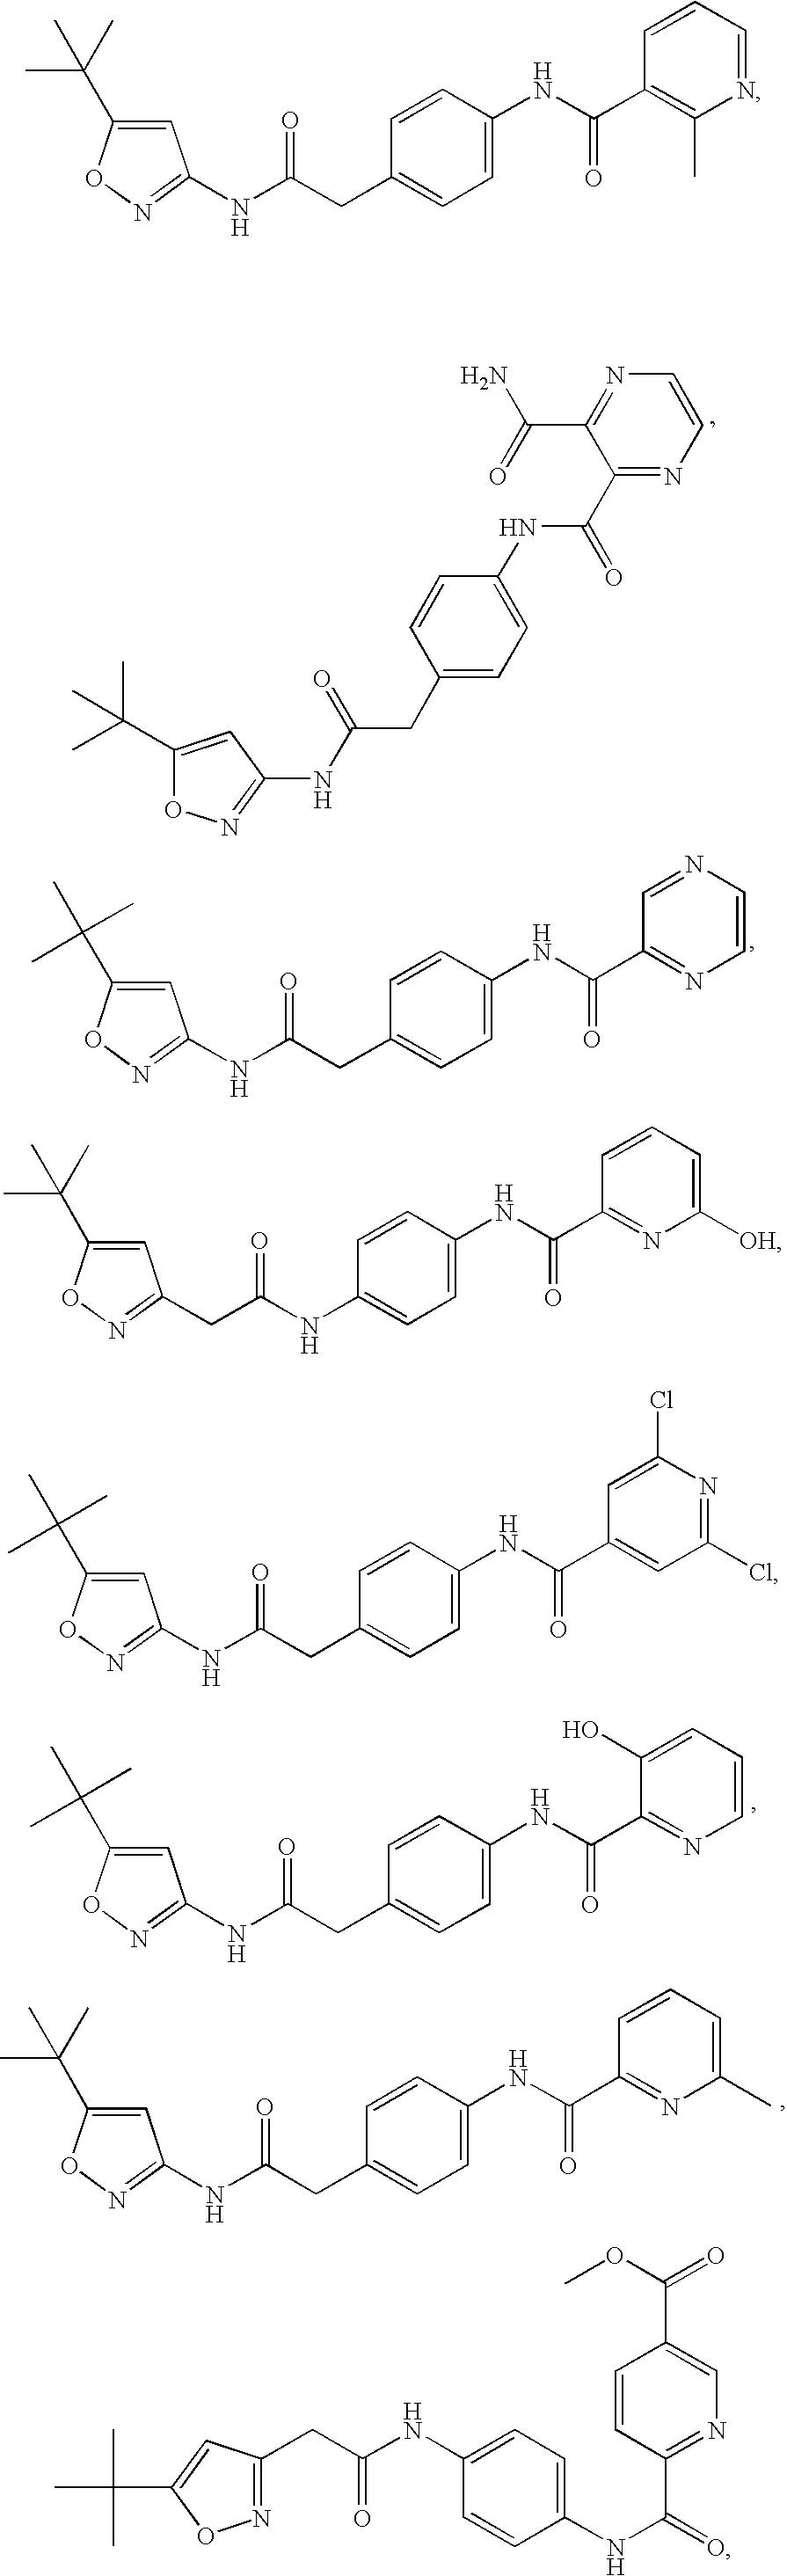 Figure US07767670-20100803-C00381